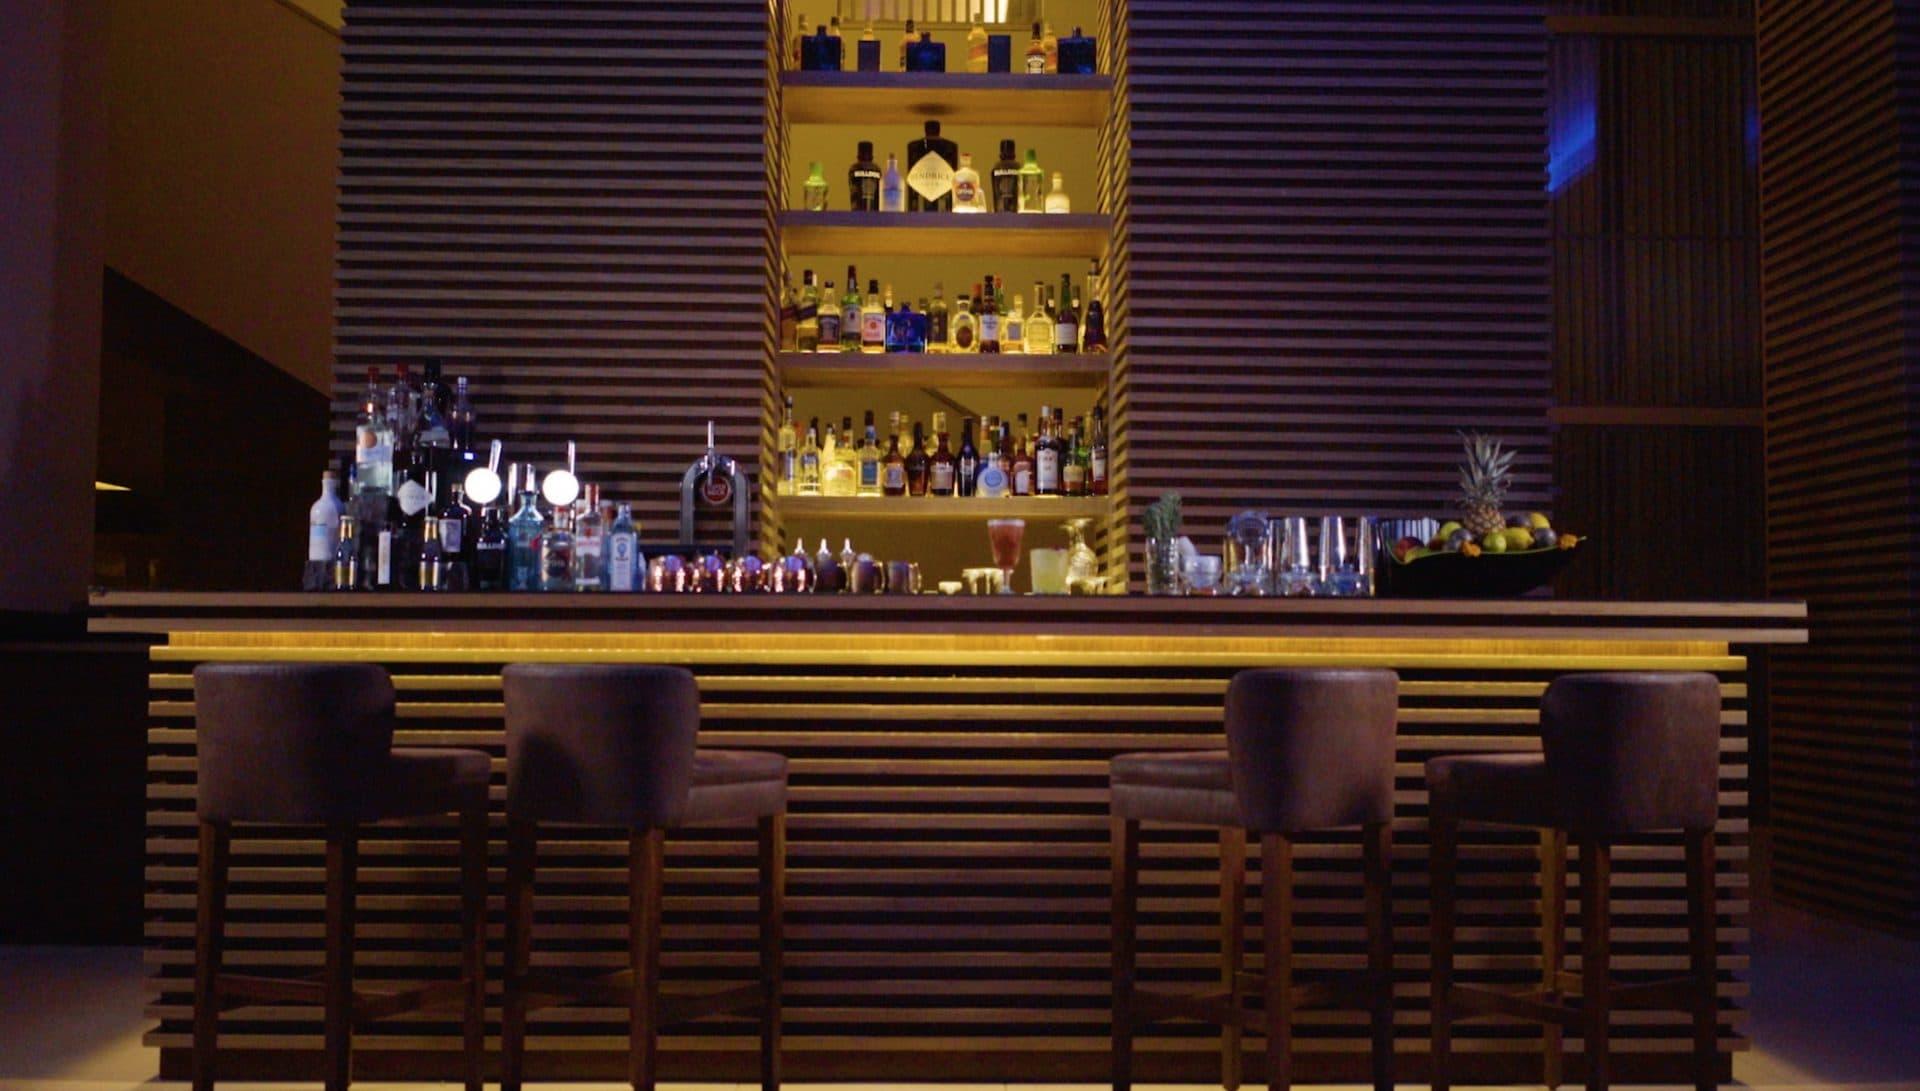 lobby-bar-VidaMar-hotels-resorts-2